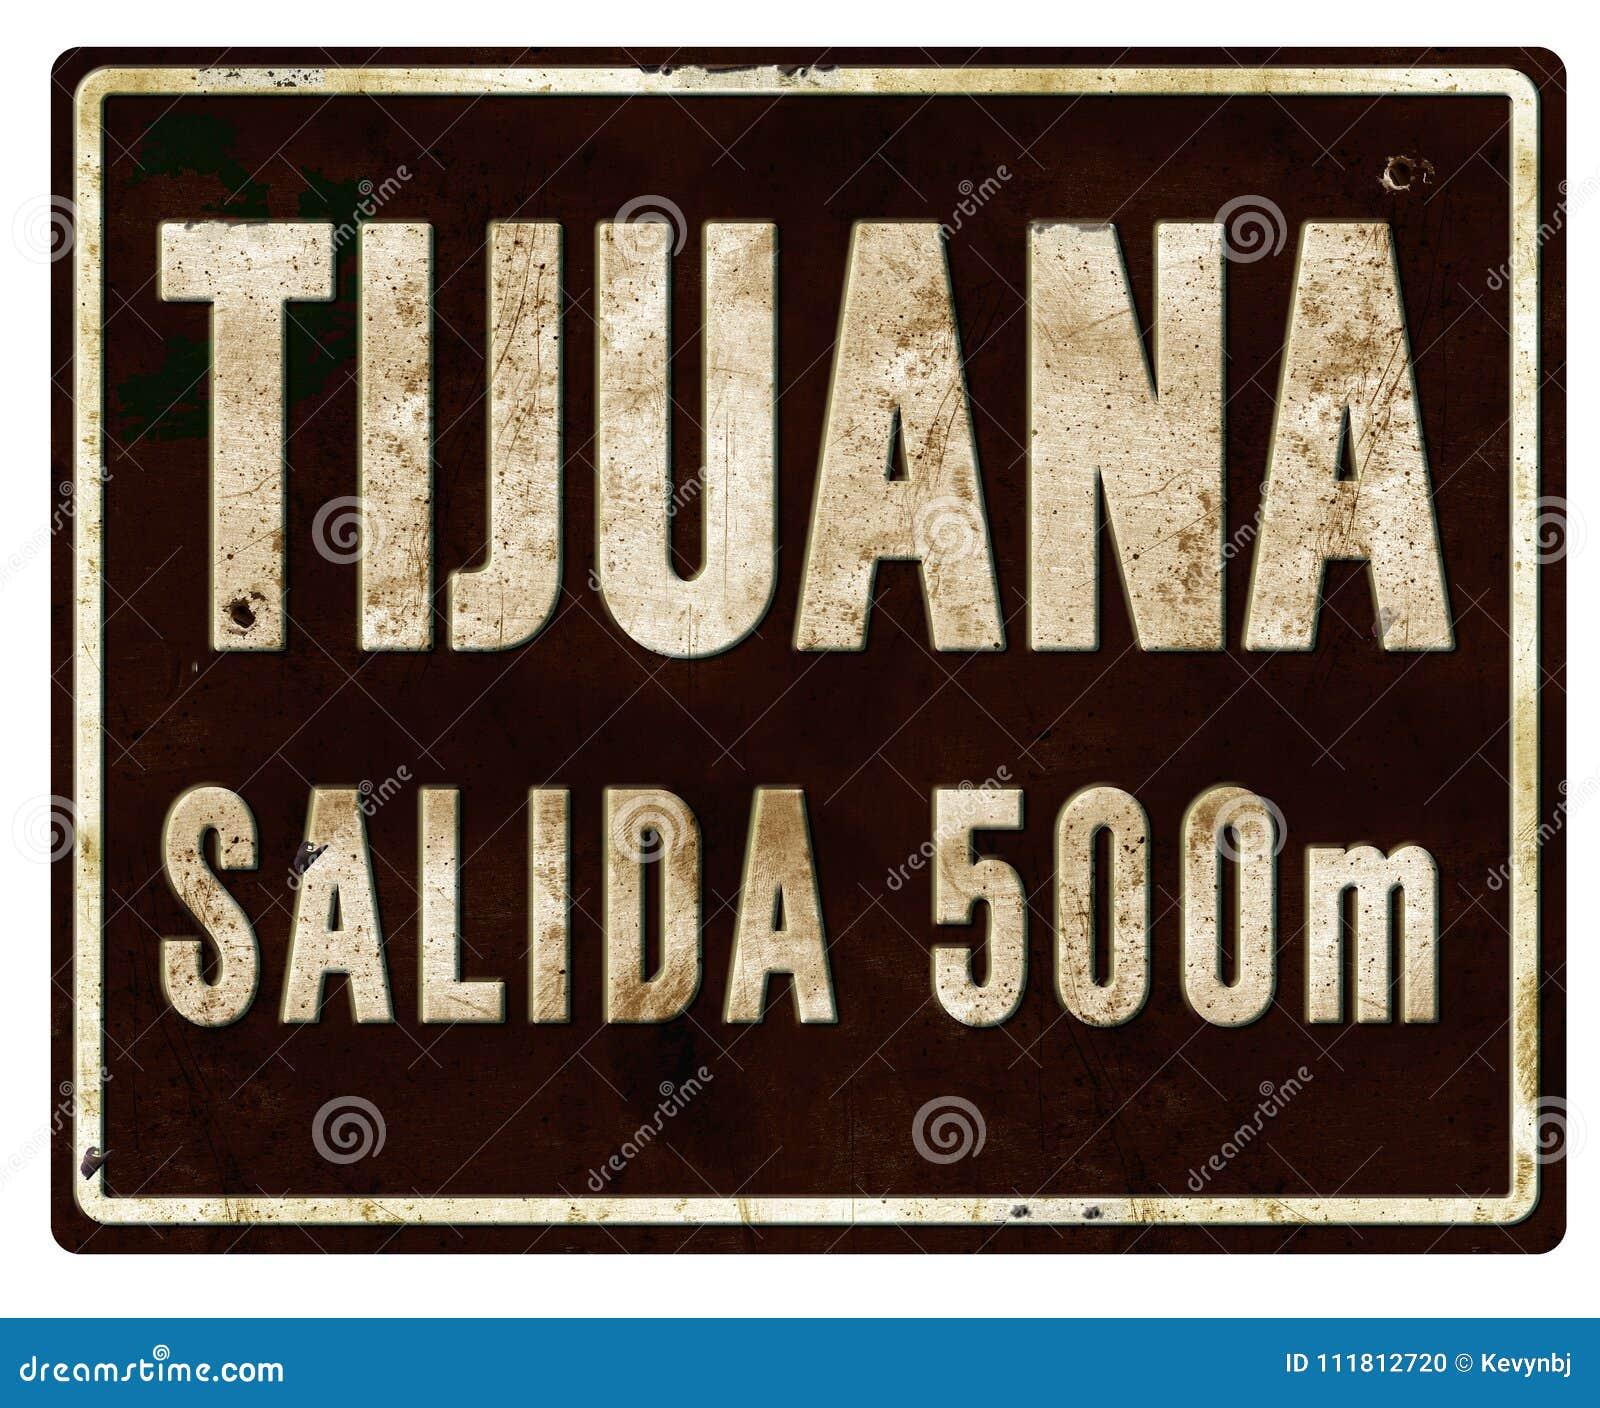 提华纳市区范围标志Salada